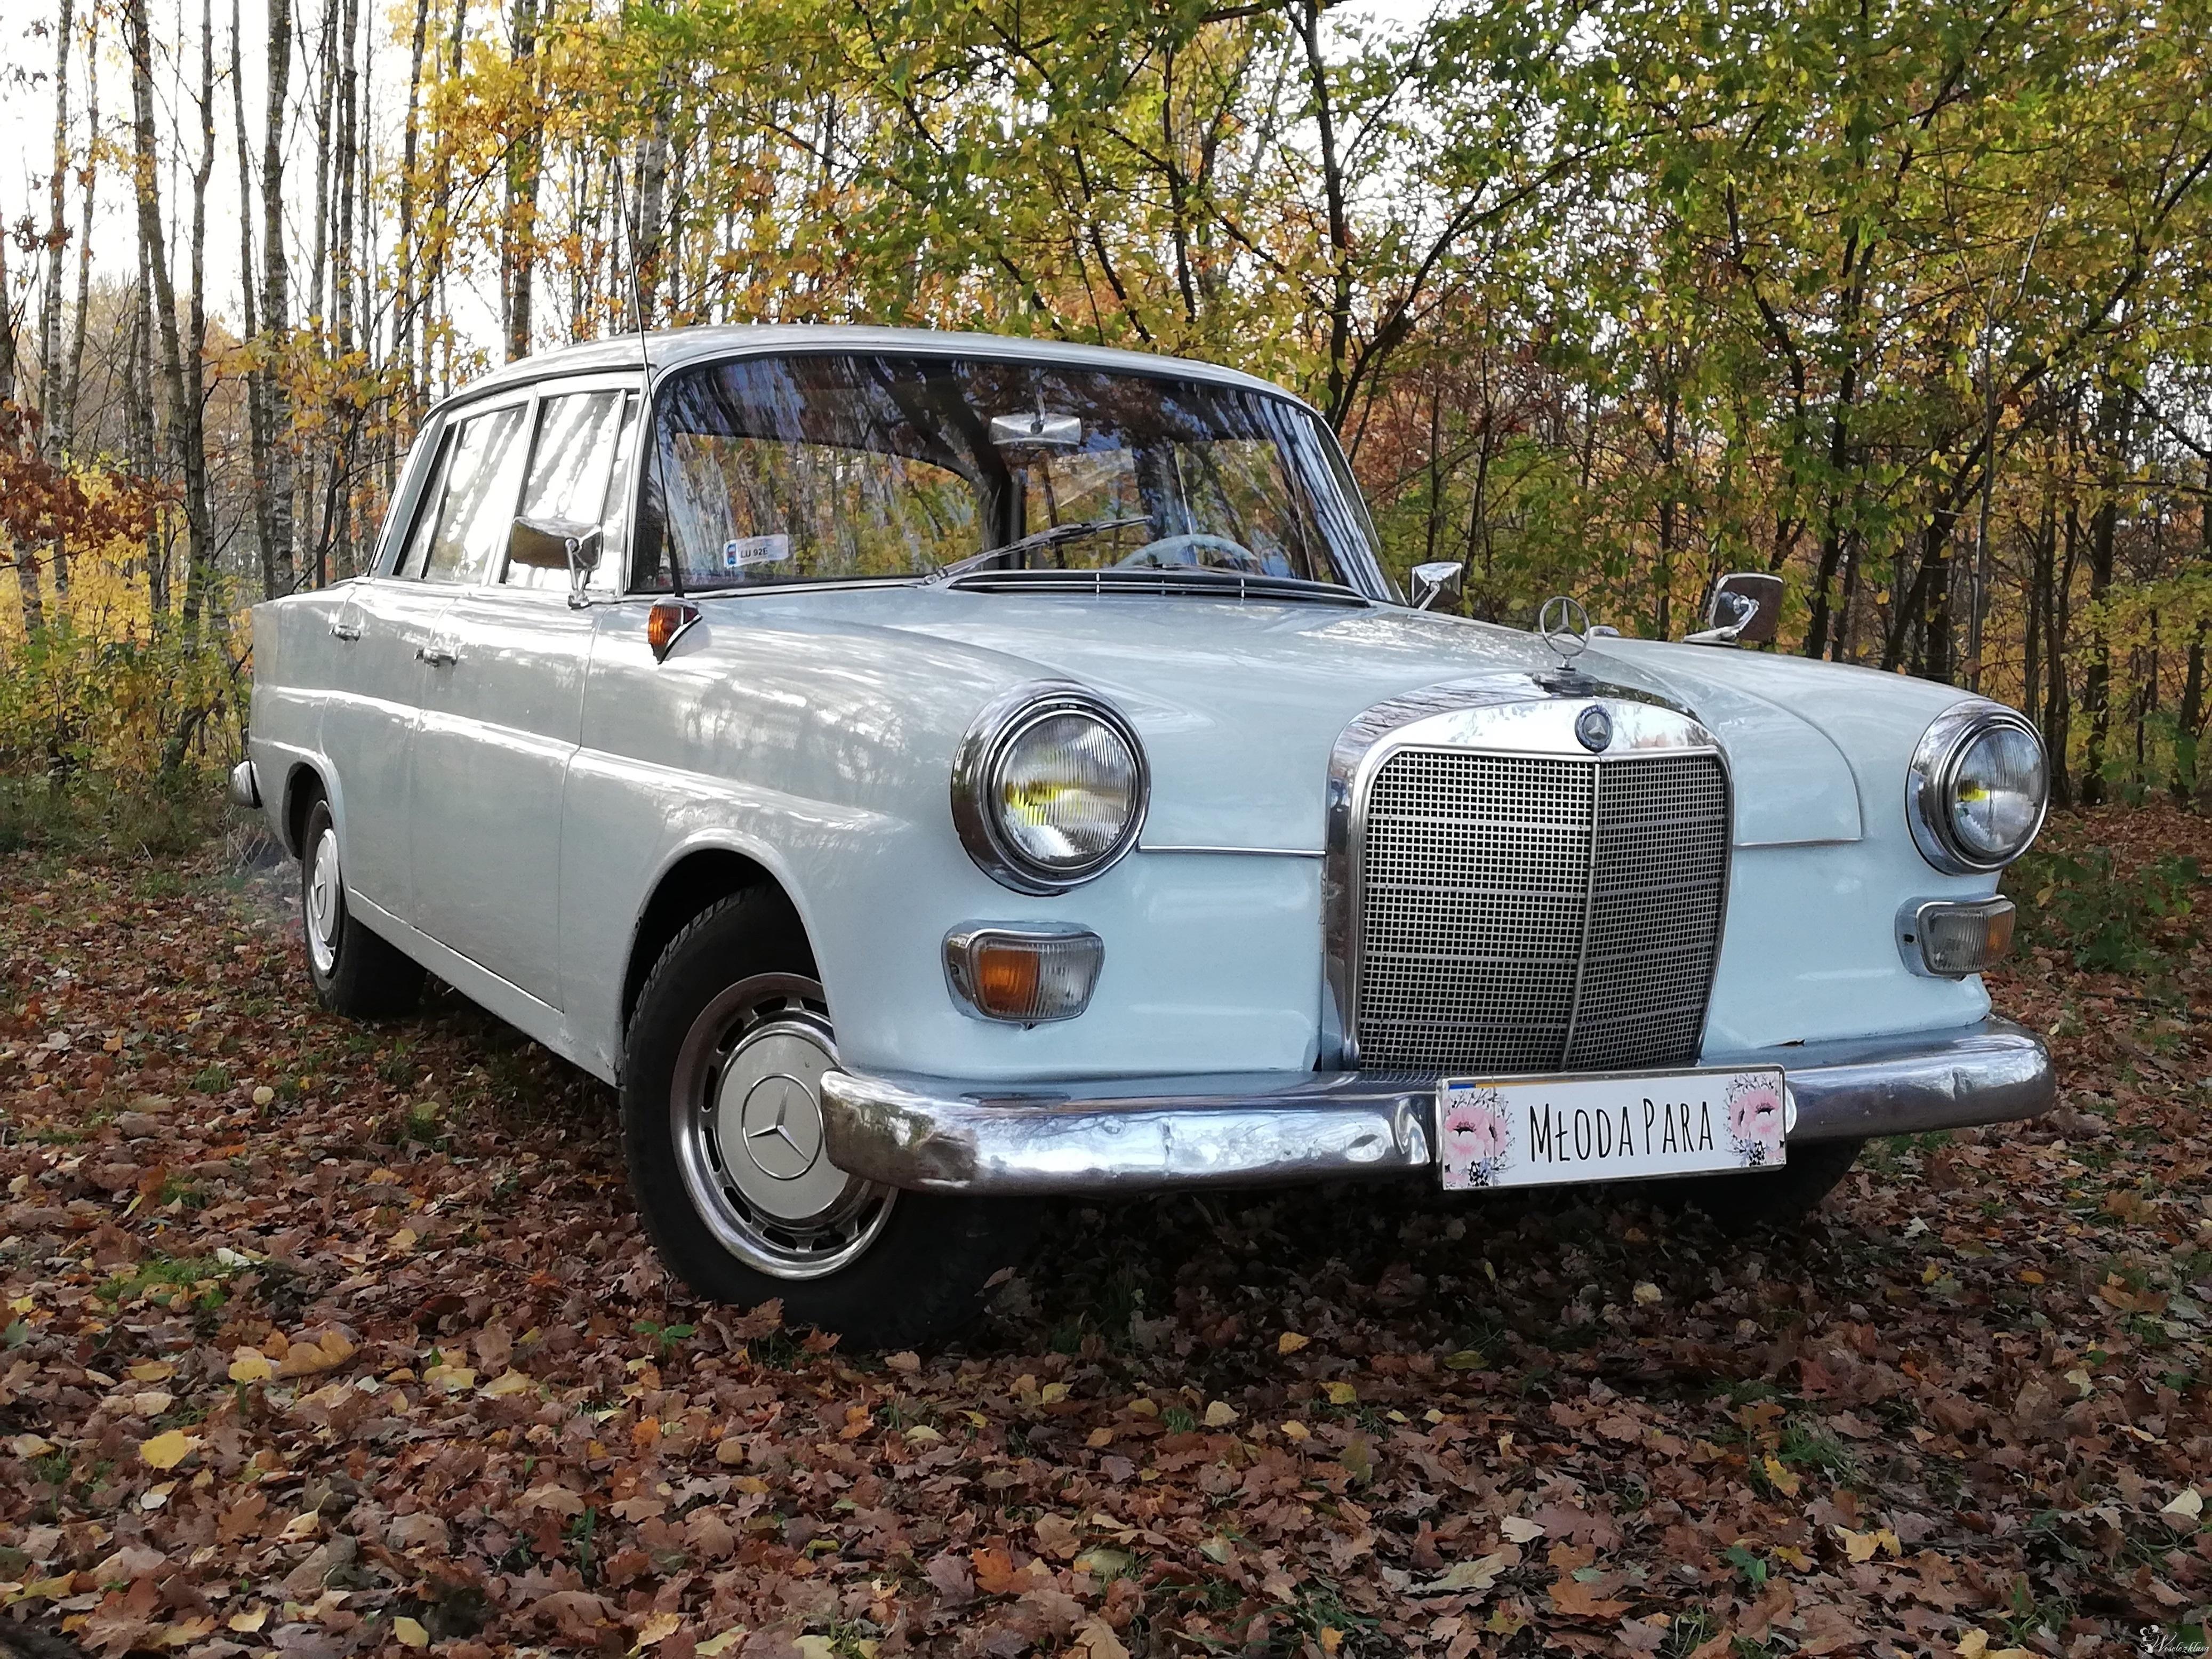 Mercedes W110 1962r skrzydlak wynajem do ślubu, Łódź - zdjęcie 1